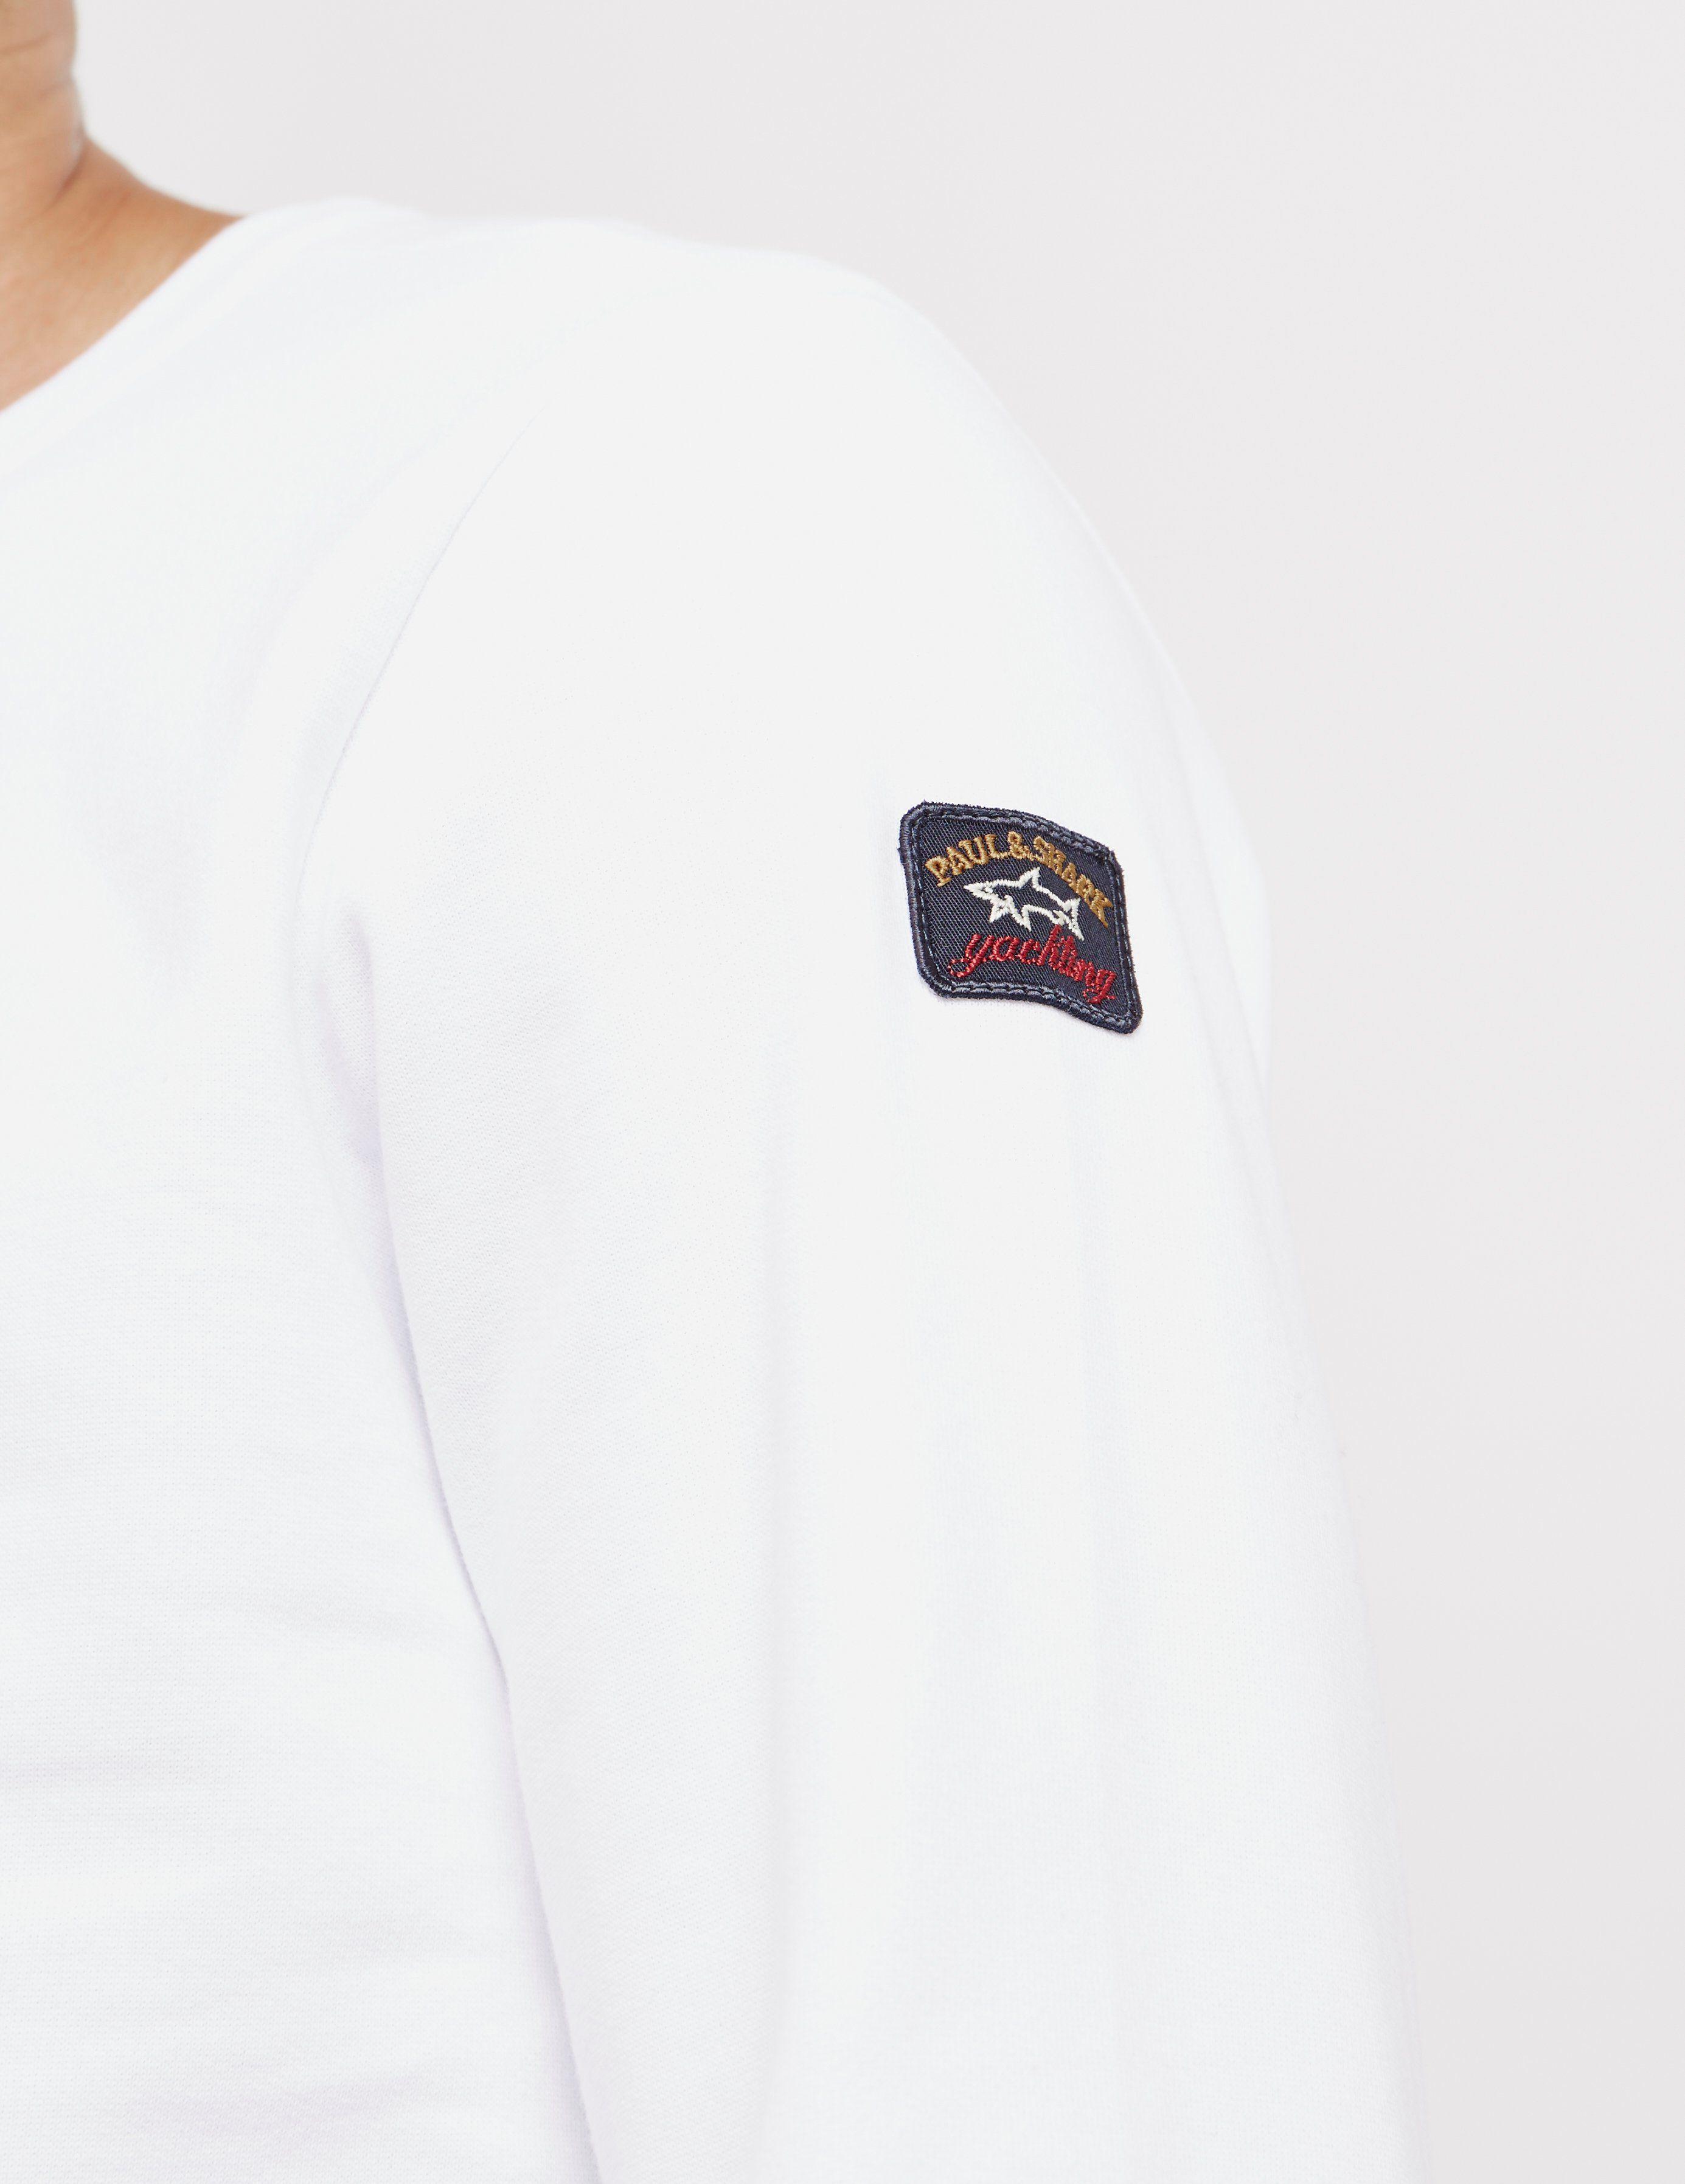 Paul and Shark Fleece Crew Sweatshirt - Online Exclusive